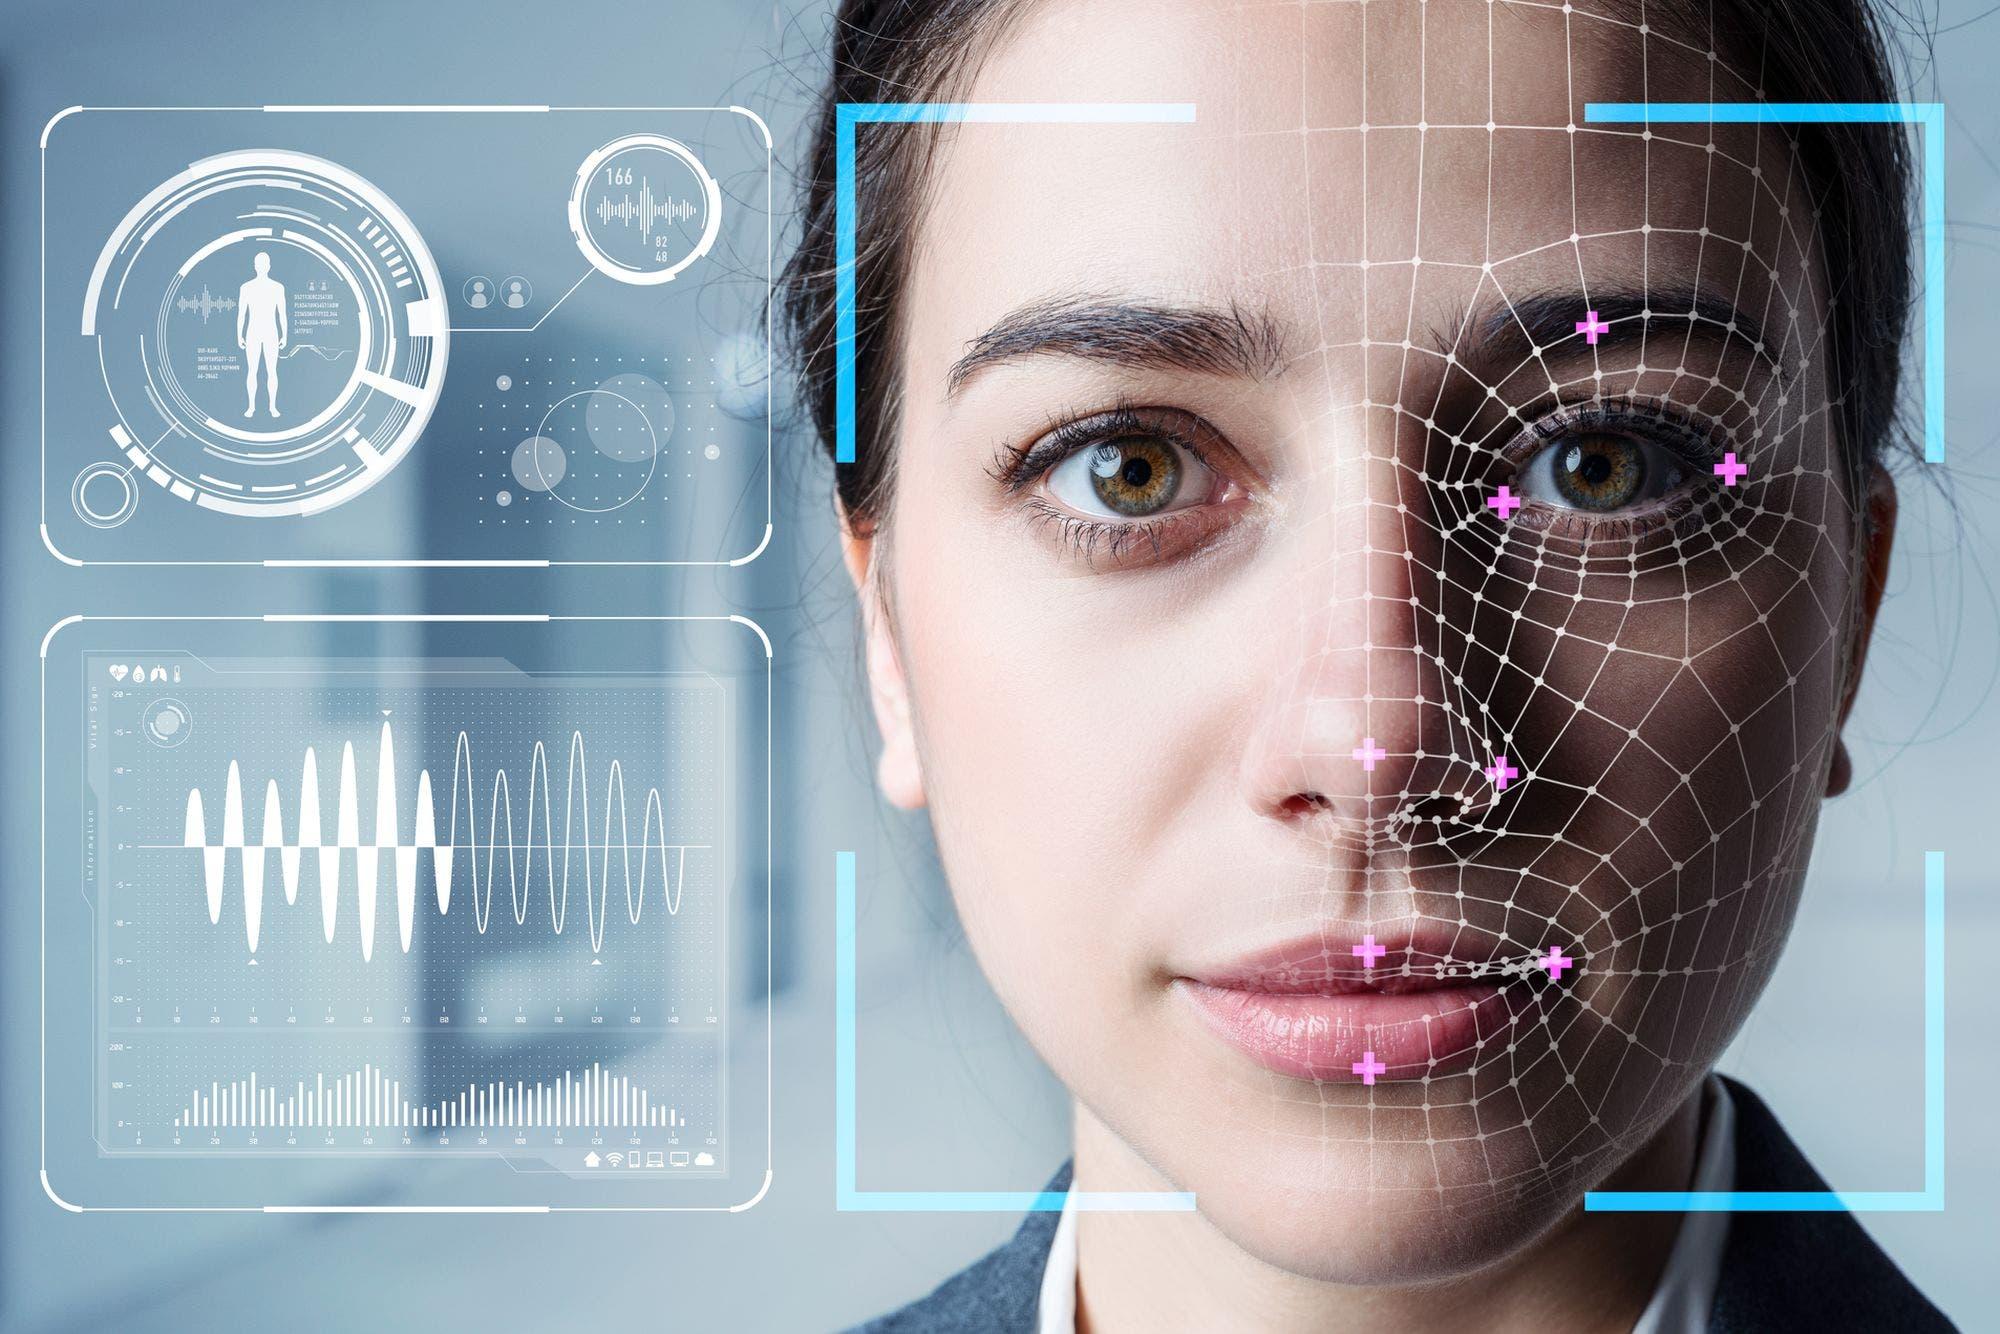 ¿Es inconstitucional el reconocimiento facial porteño?